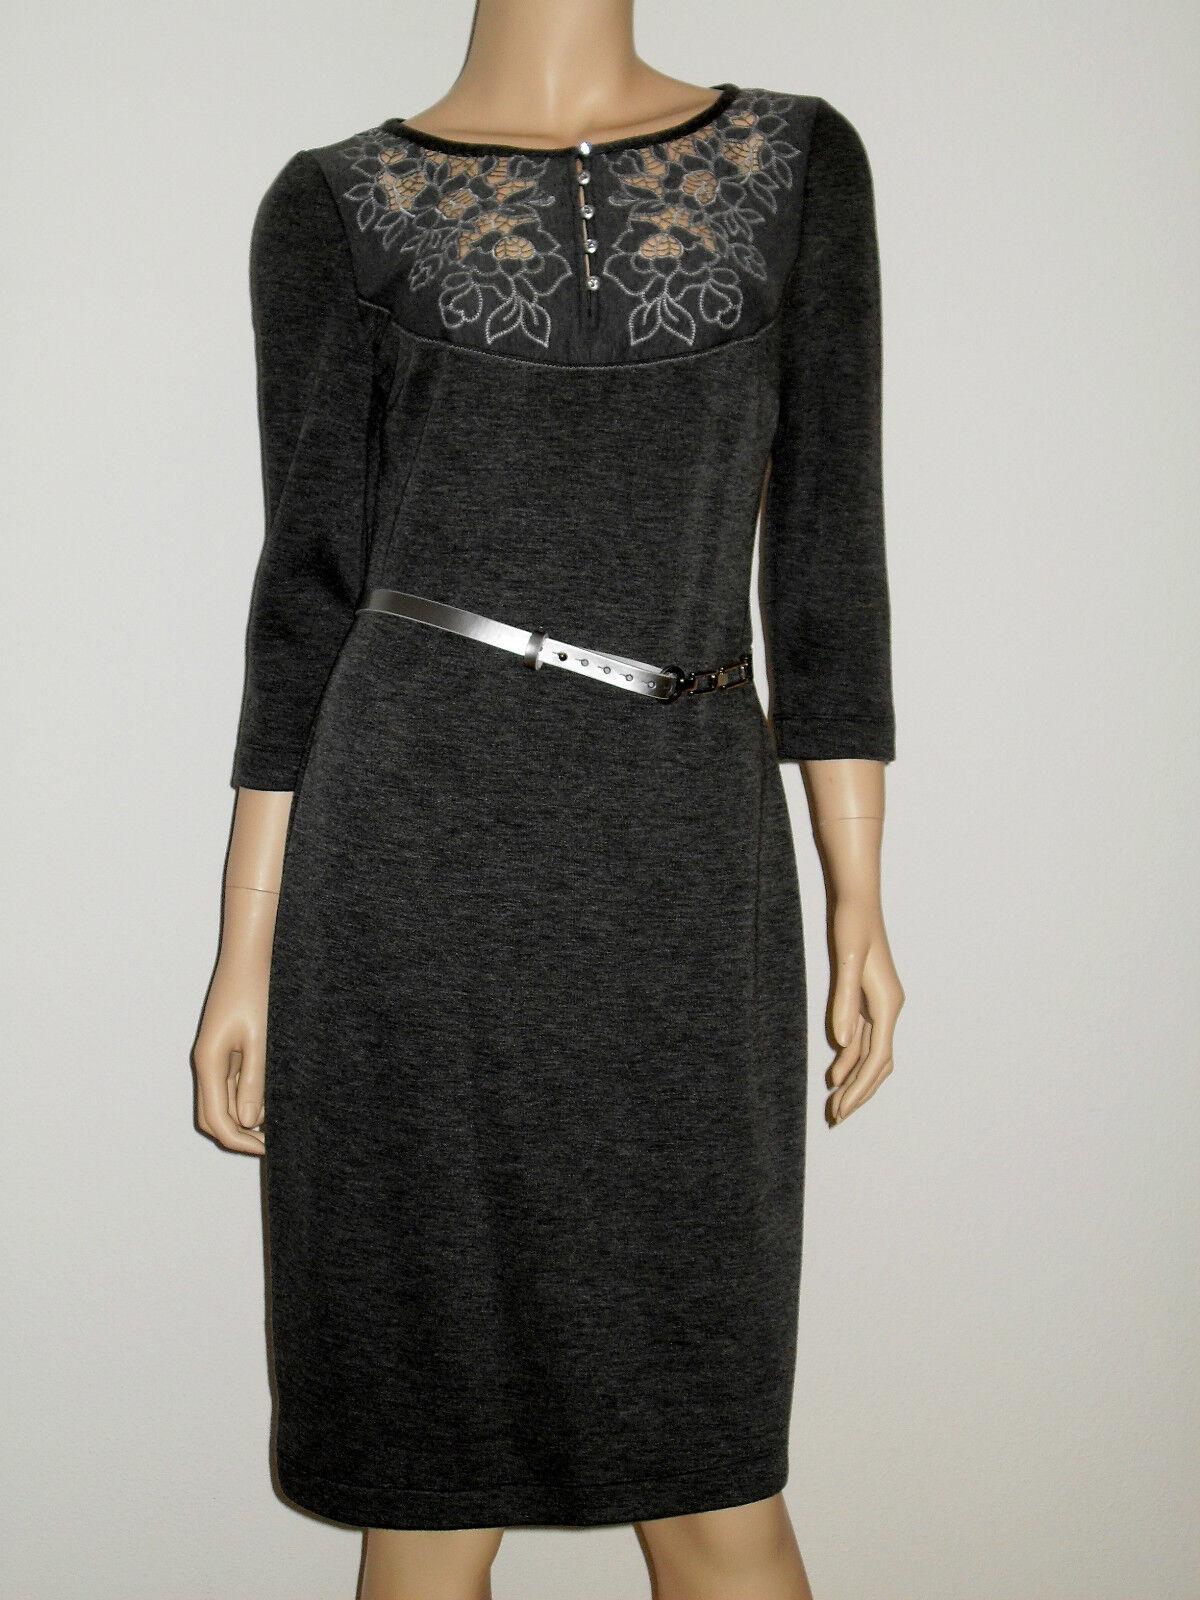 Luxus Kleid Designerkleid Business Freizeit Jersey  Edel  Elegant Gr. 40